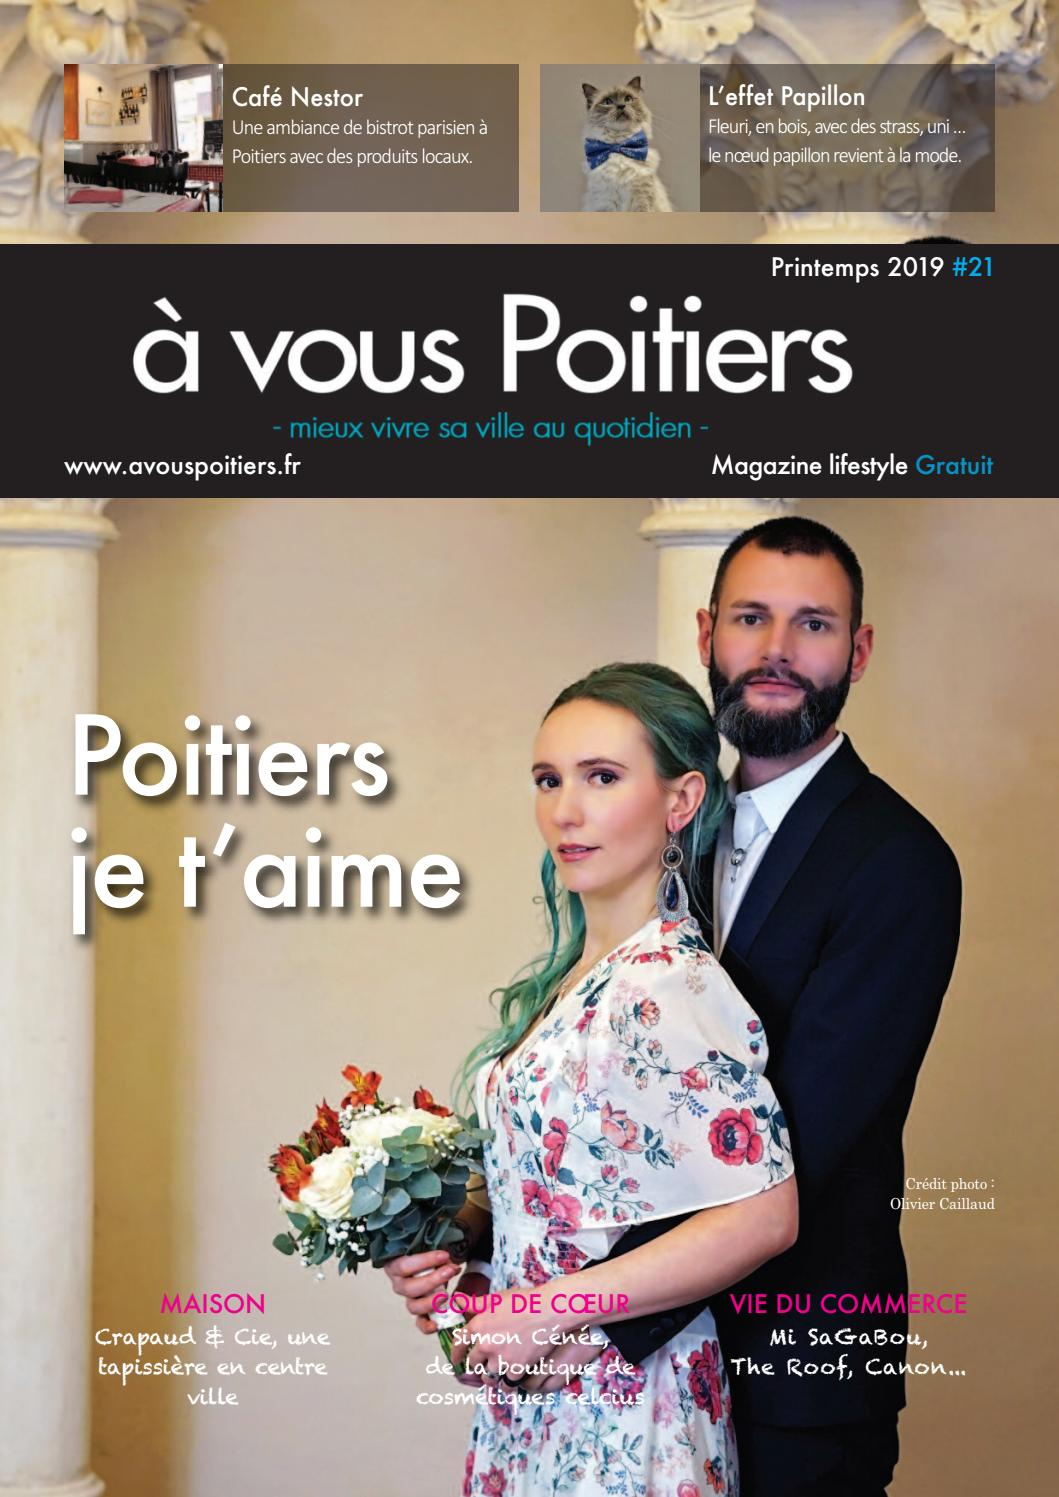 Ambiance Et Style Poitiers à vous poitiers #21à vous poitiers - issuu